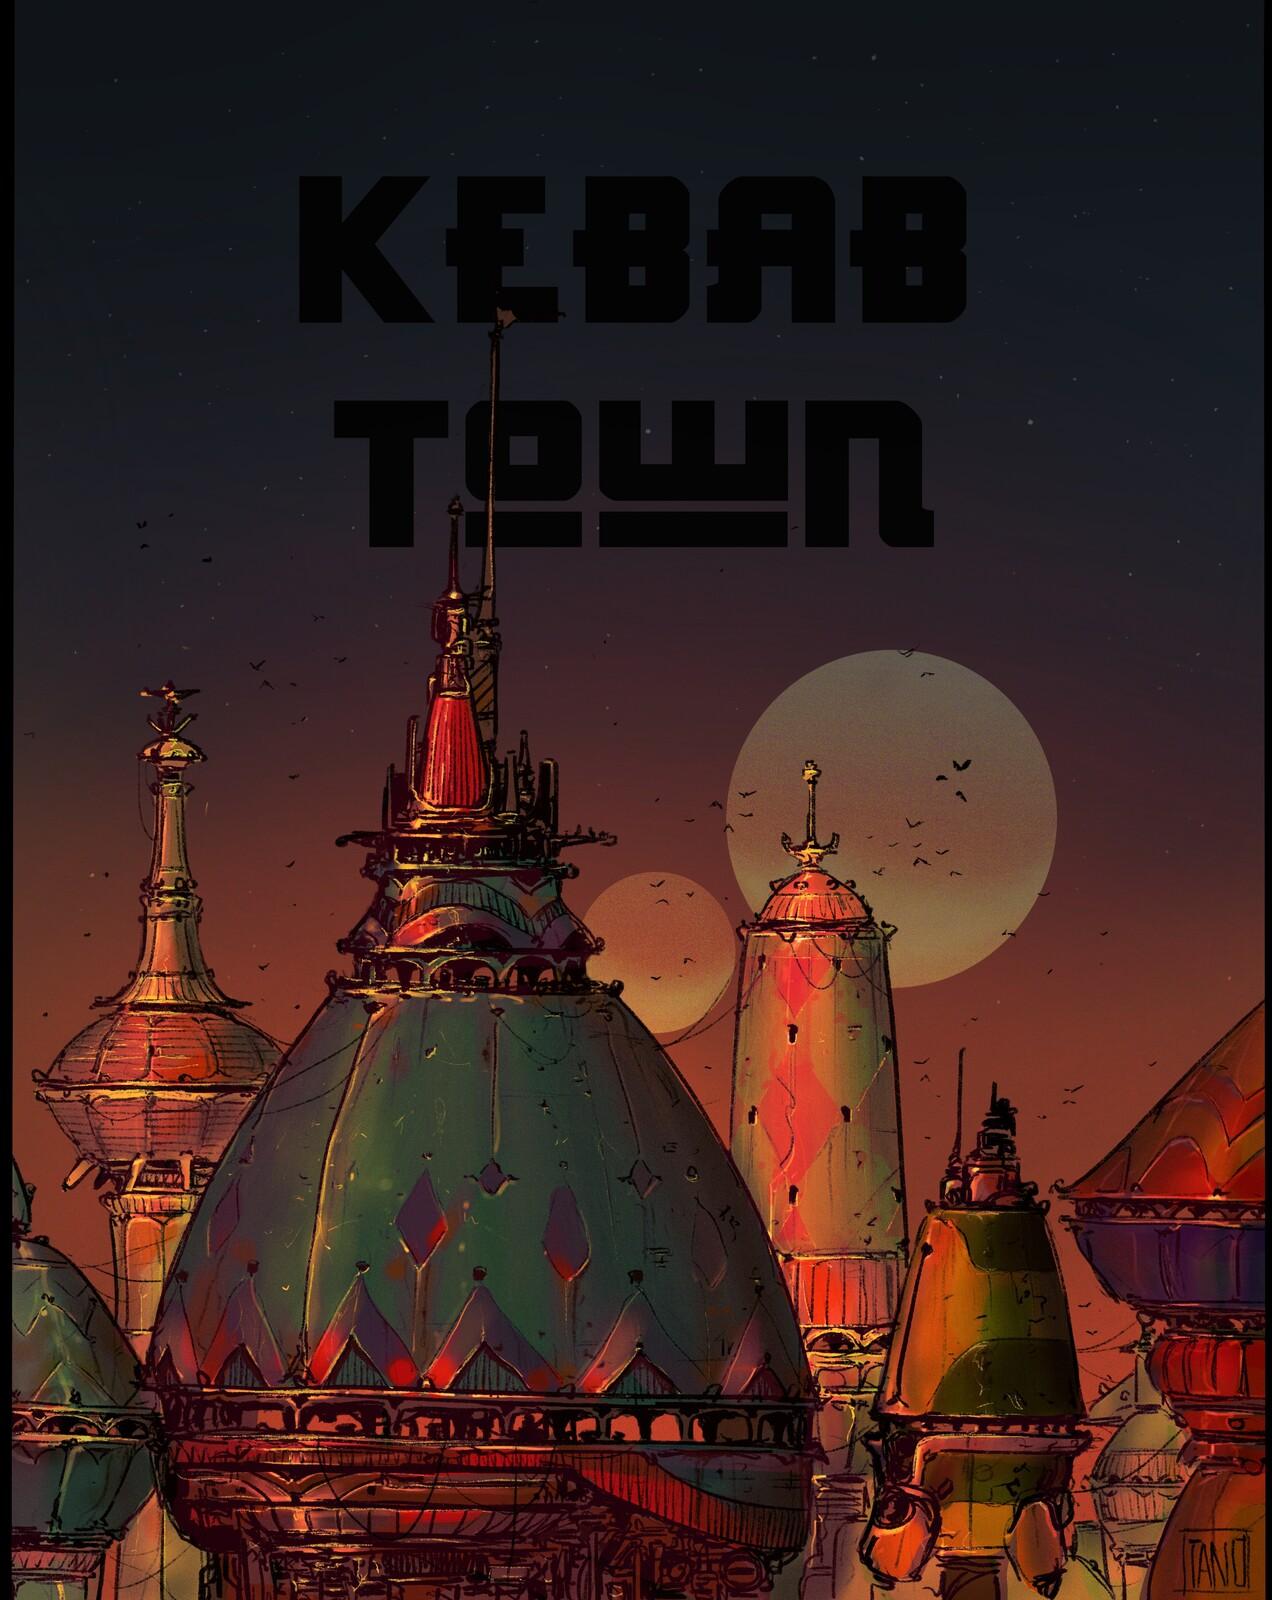 Kebab town